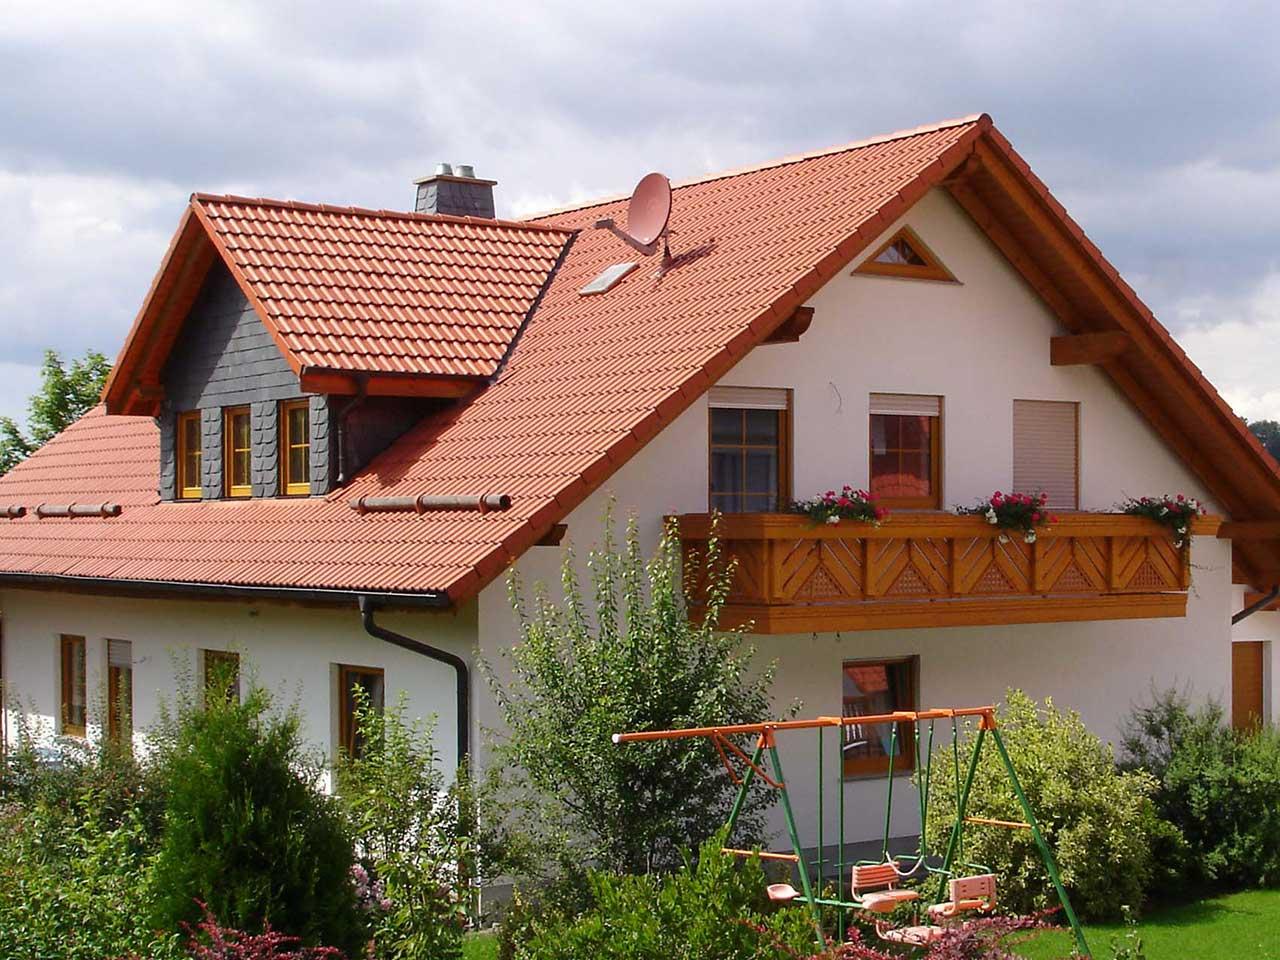 Ferienwohnung Freudensprung - Haus Außenansicht mit Schaukel